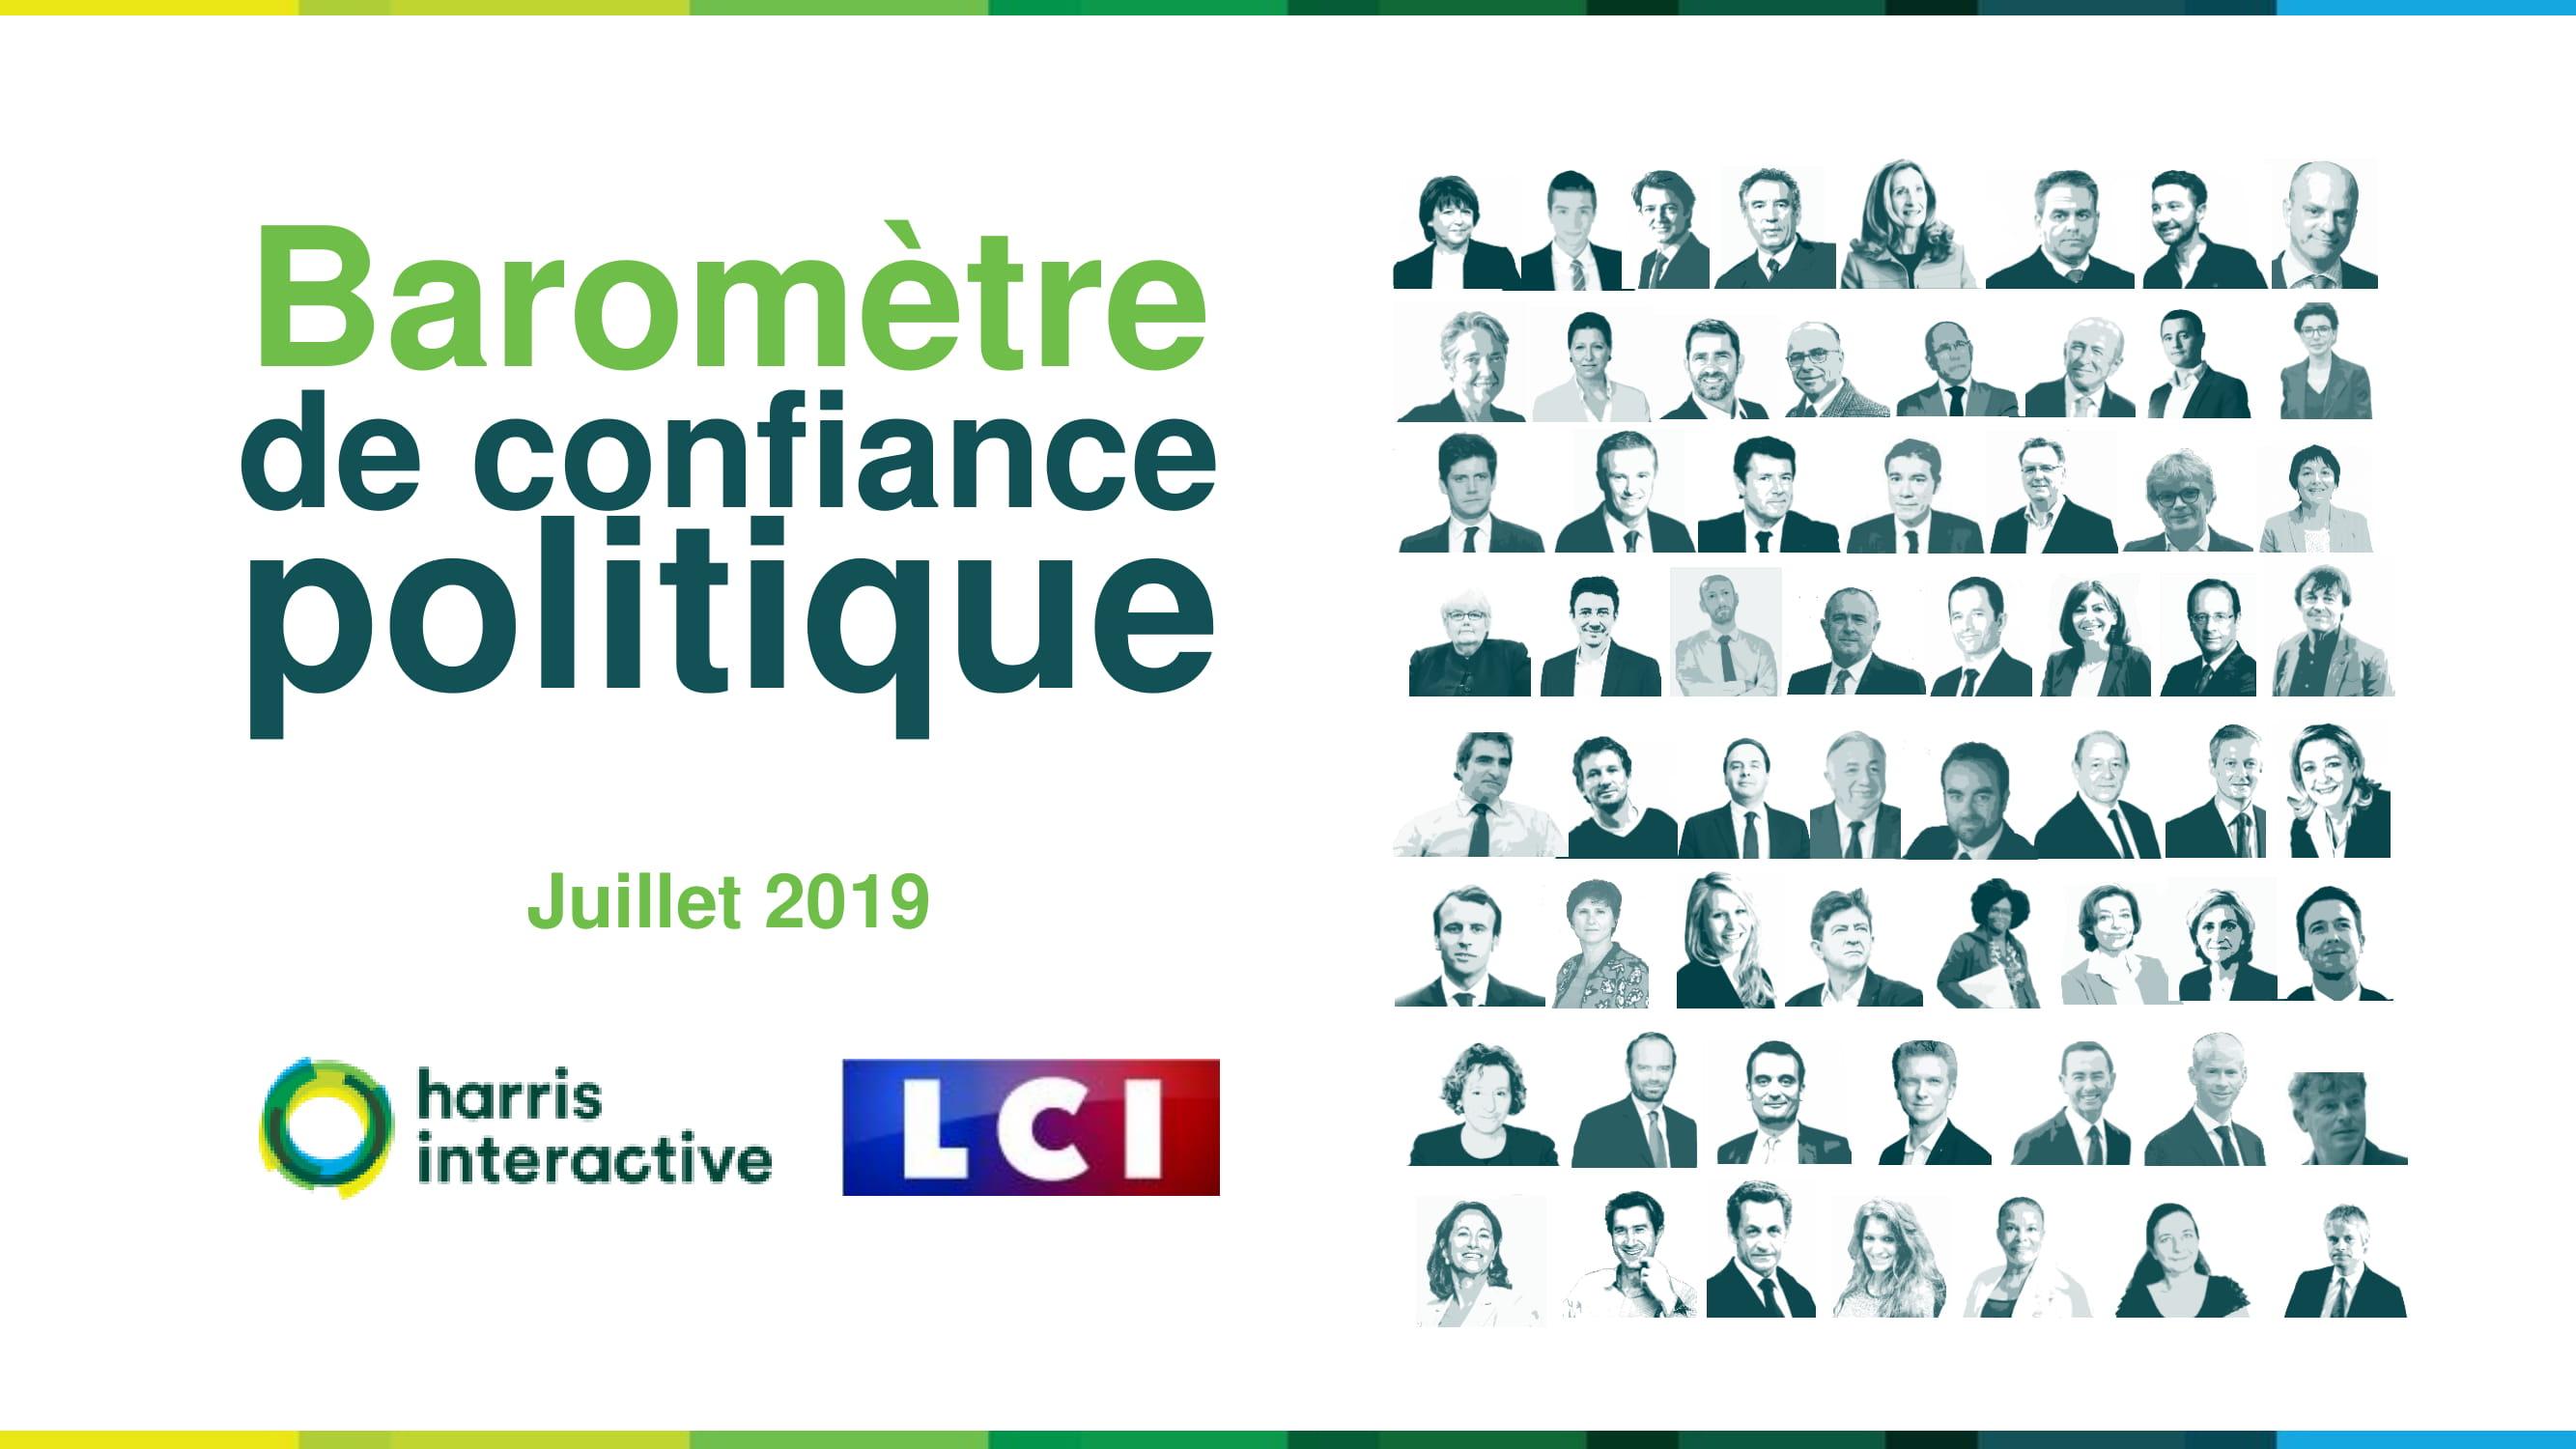 Baromètre de confiance politique – Juillet 2019 image